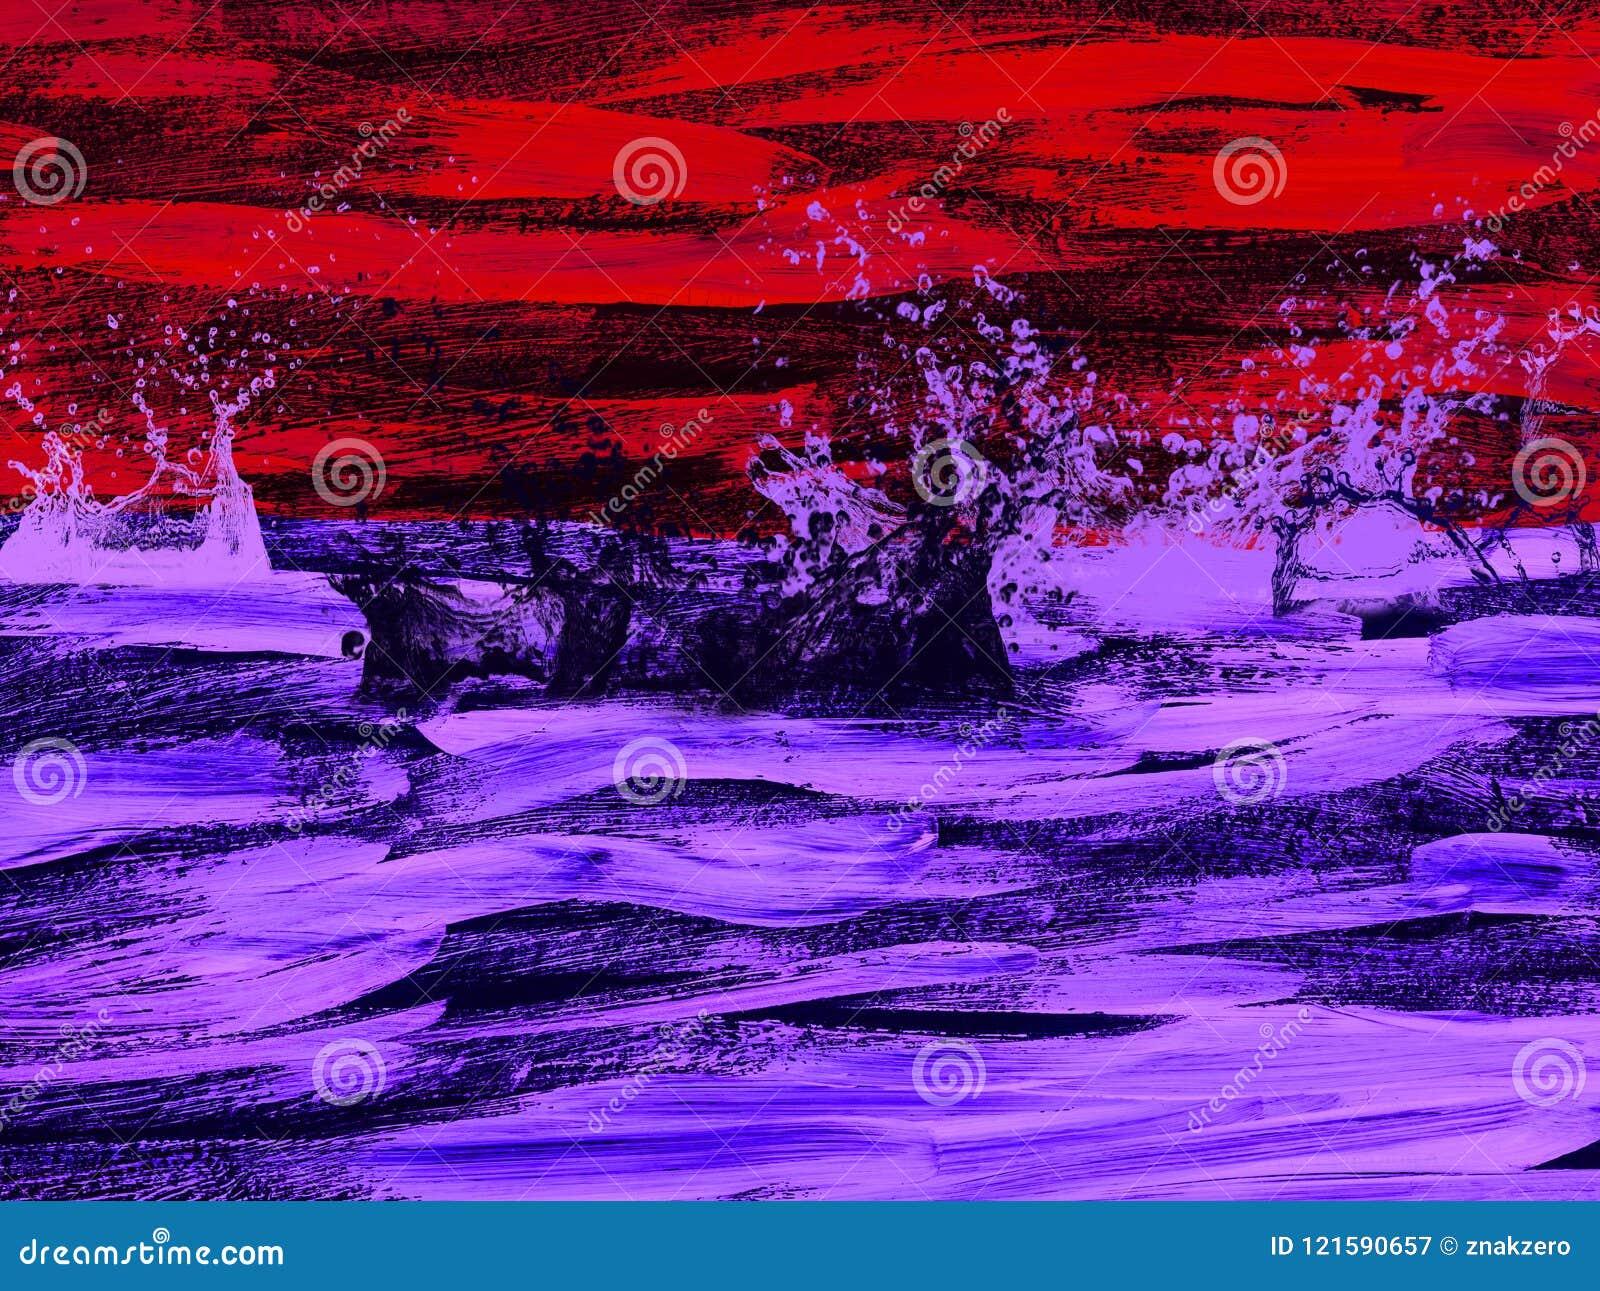 Kreatywnie abstrakt malował tło, tapeta, tekstura nowoczesna sztuka Dzisiejsza ustawa